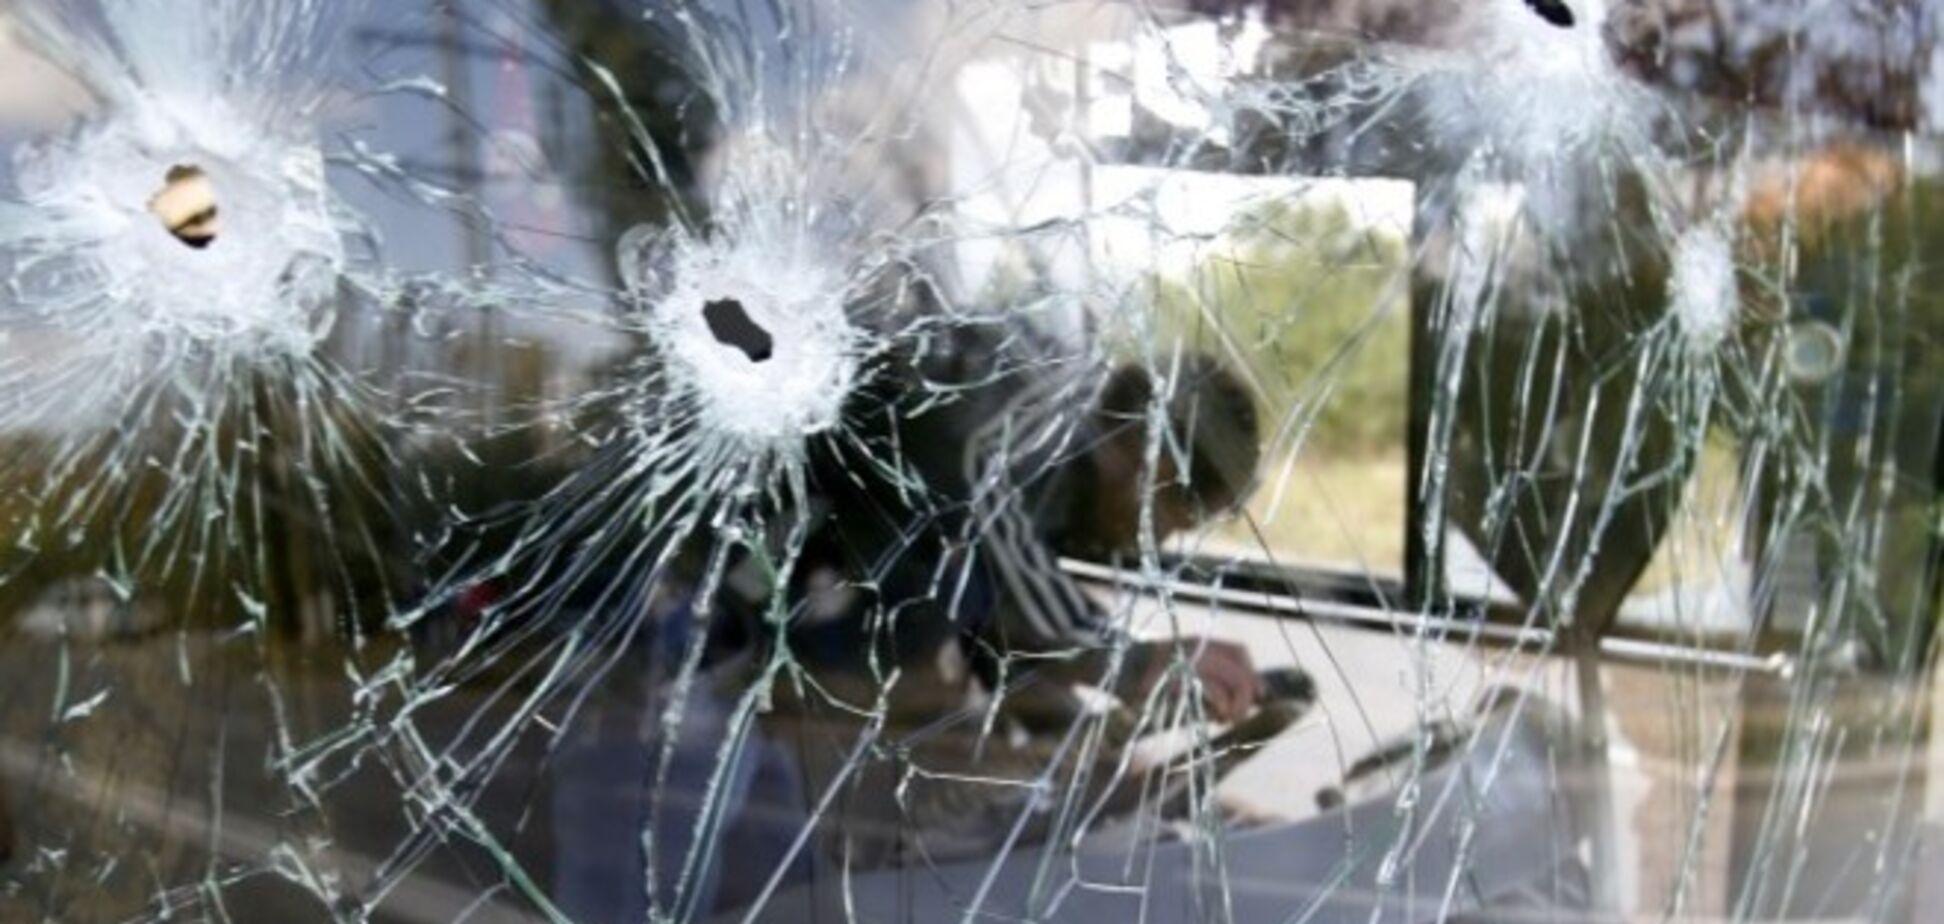 В Счастье боевики обстреляли наполненное людьми кафе: погибли 2 человека, ранены более 6